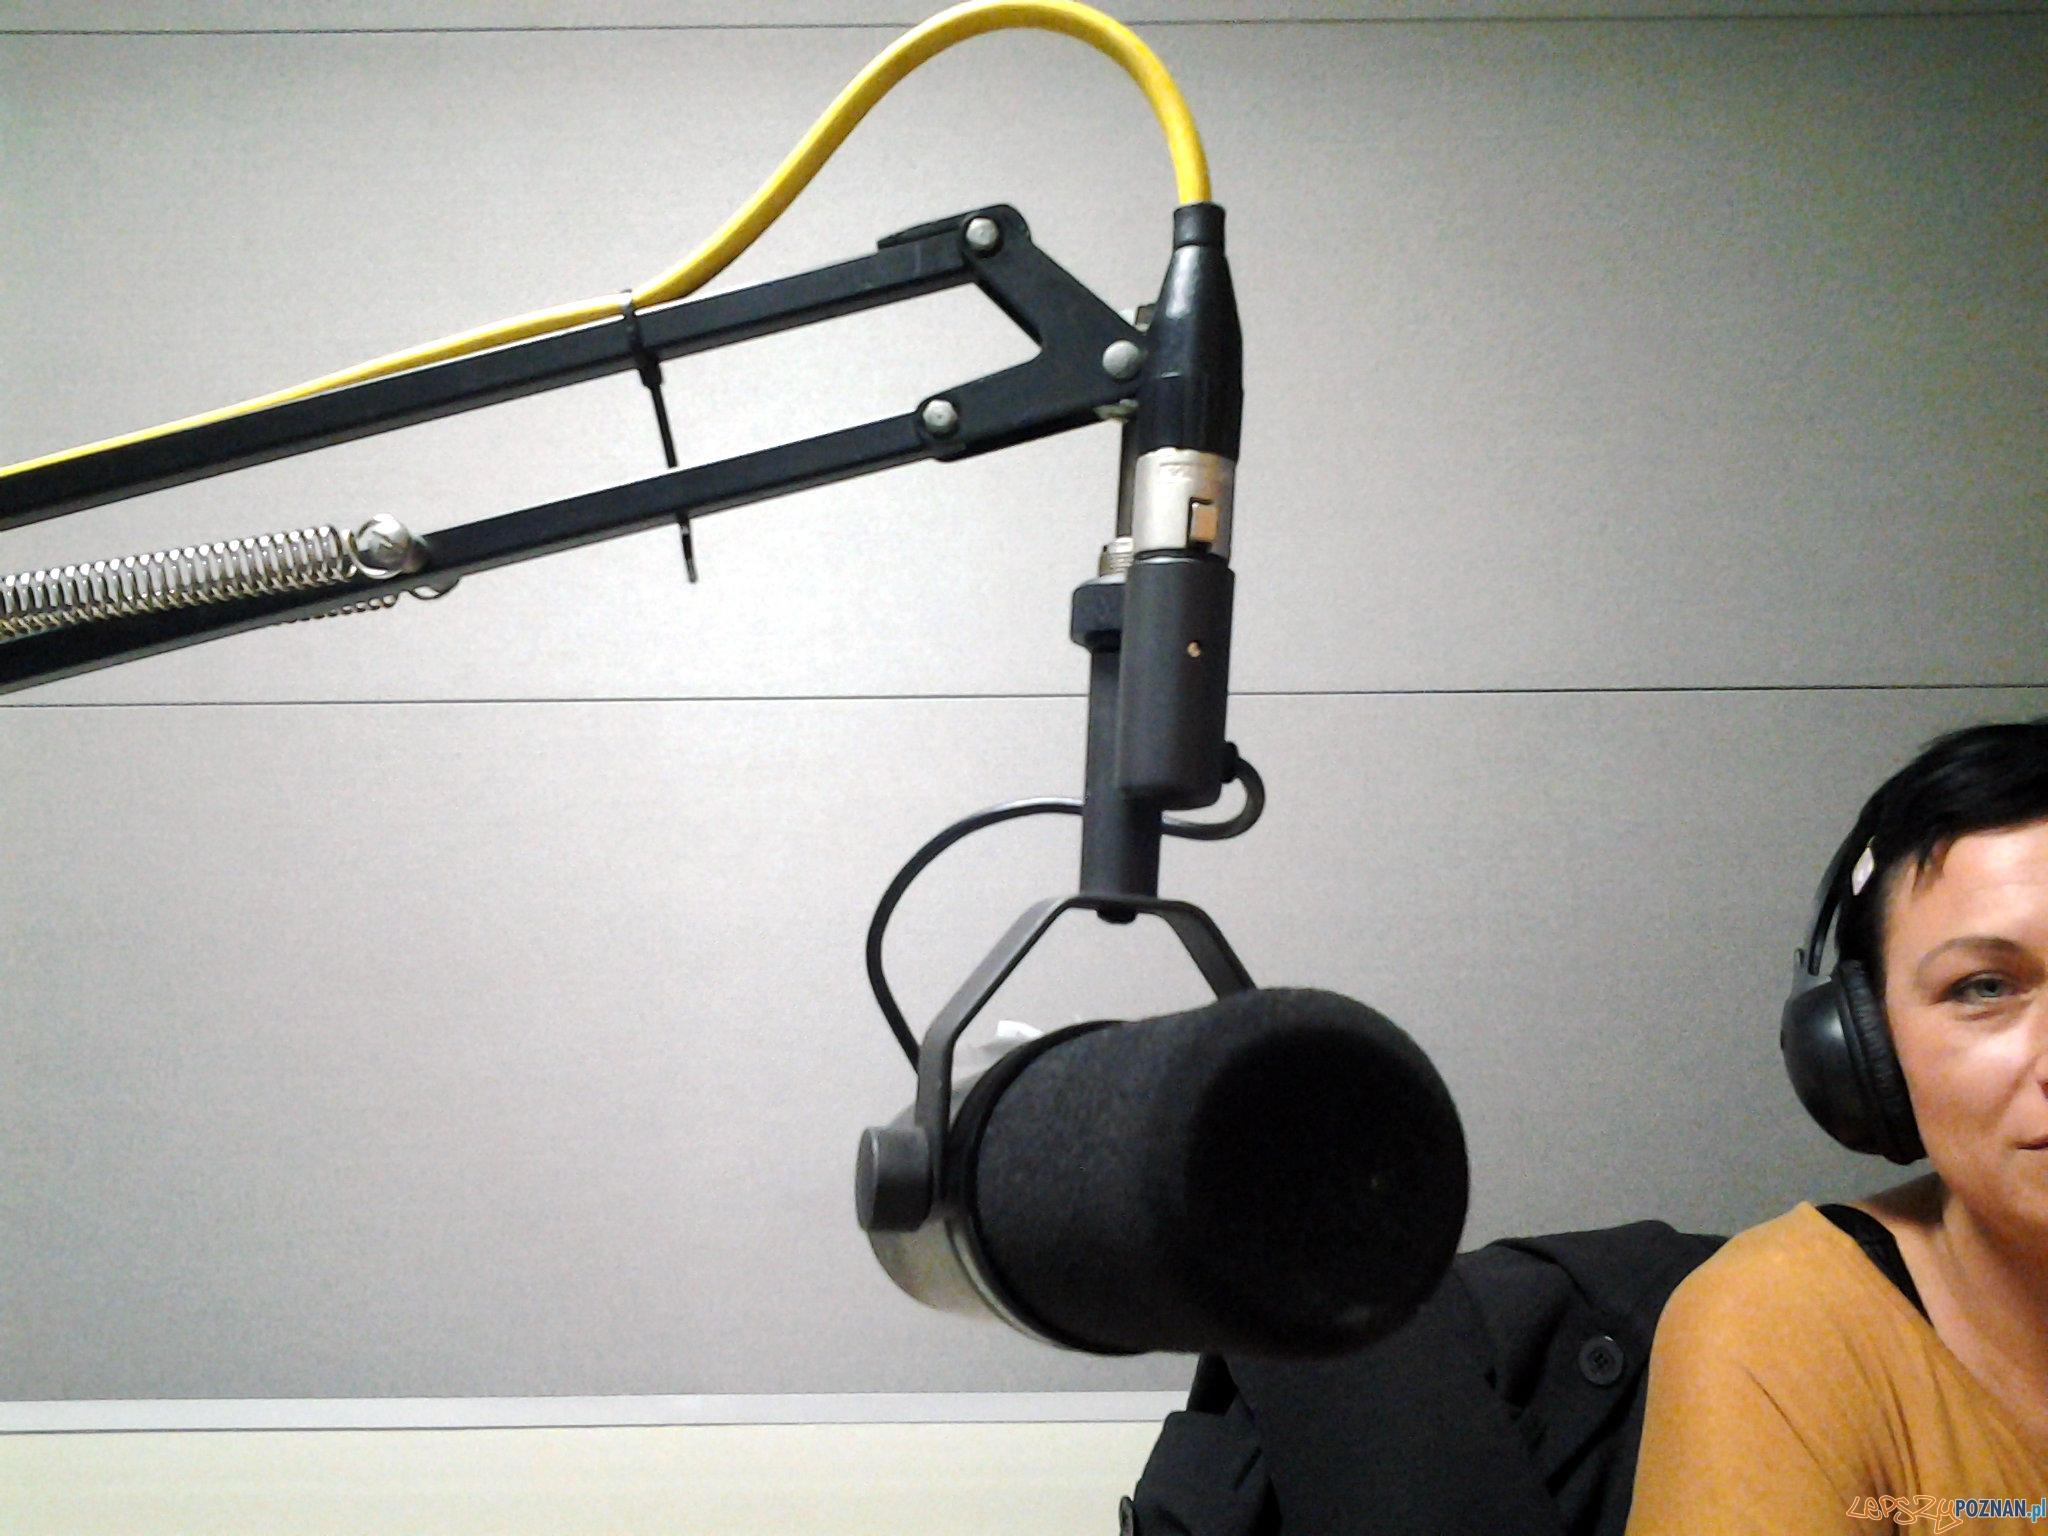 W radiu BLUE FM  Foto: lepszyPOZNAN.pl / tab